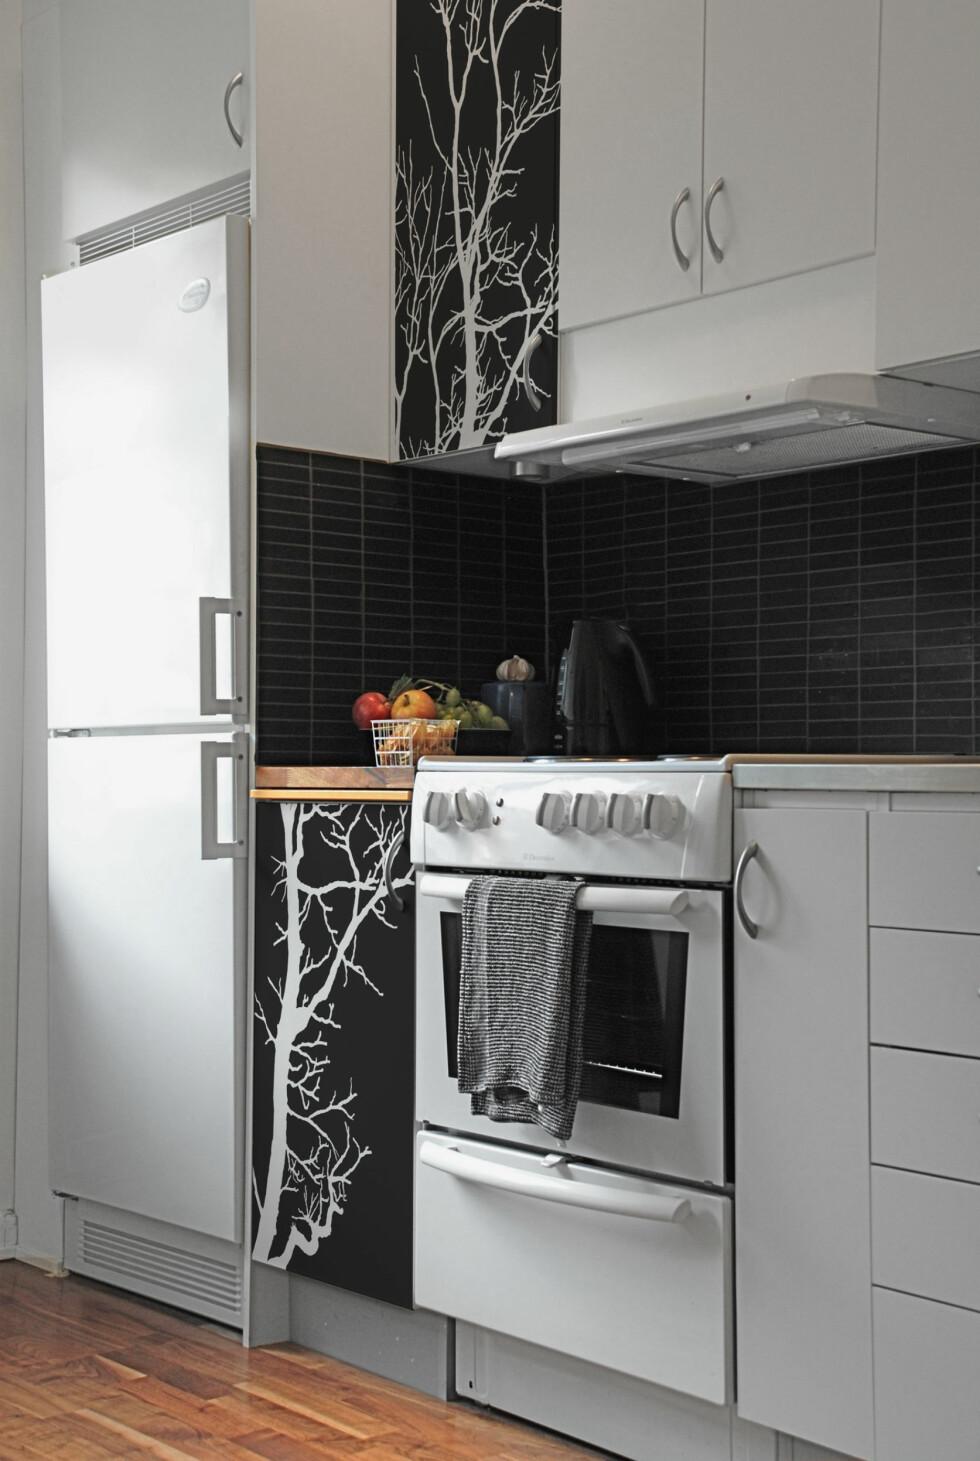 ingen legger merke til at kjøleskapet er litt skeivt... De svarte foliene tar mesteparten av opplevelsen. Foto: Dodeci